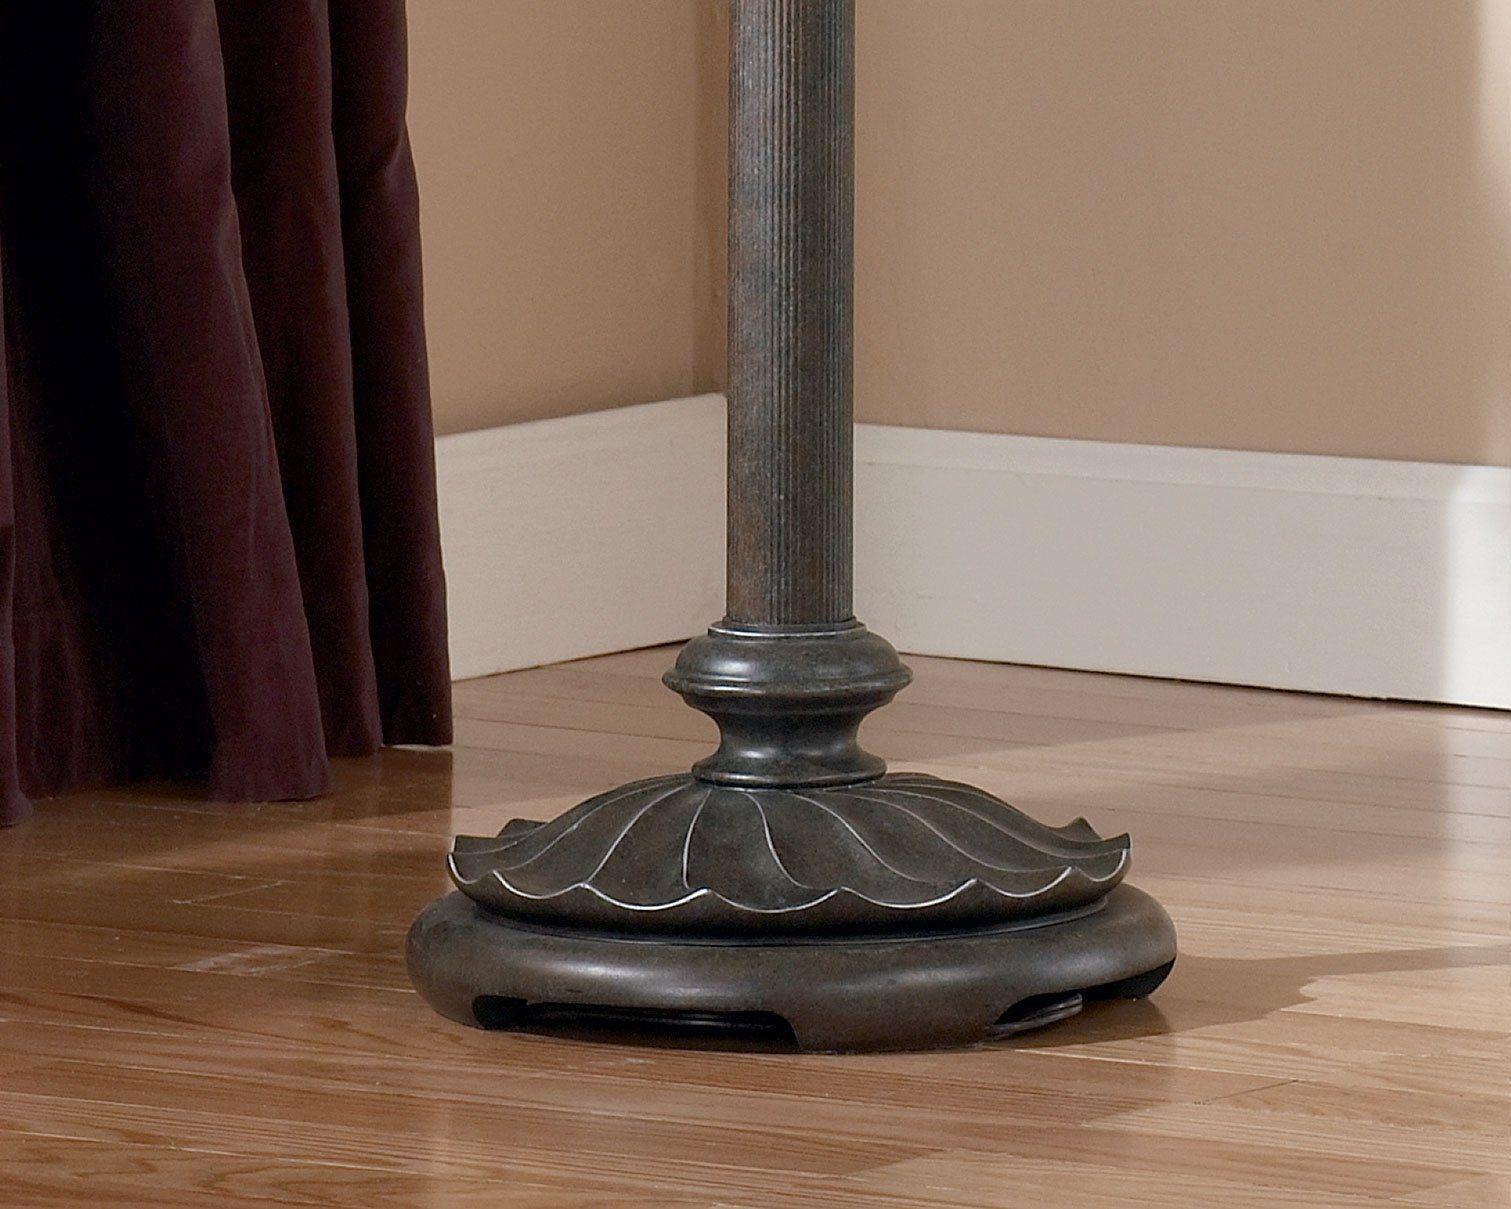 Ashley Furniture Signature Design Favivi Traditional Floor Lamp